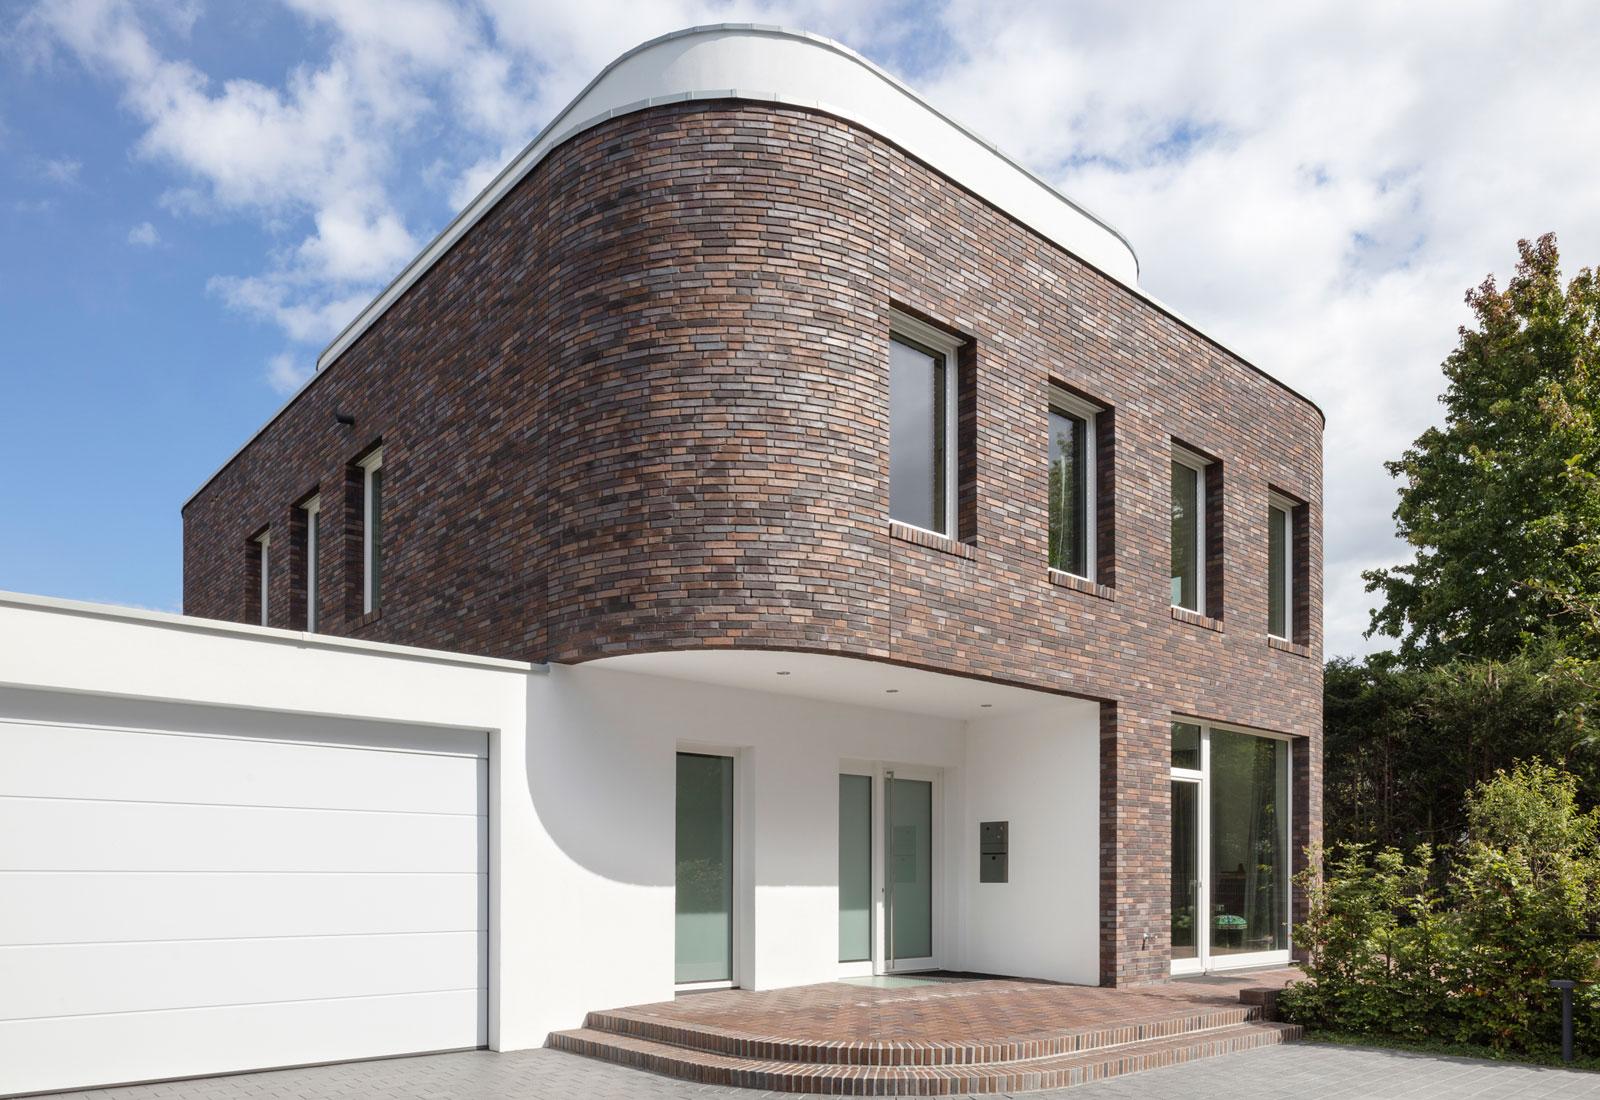 einfamilienhaus im johanniterviertel architekturb ro koenigs r tter. Black Bedroom Furniture Sets. Home Design Ideas